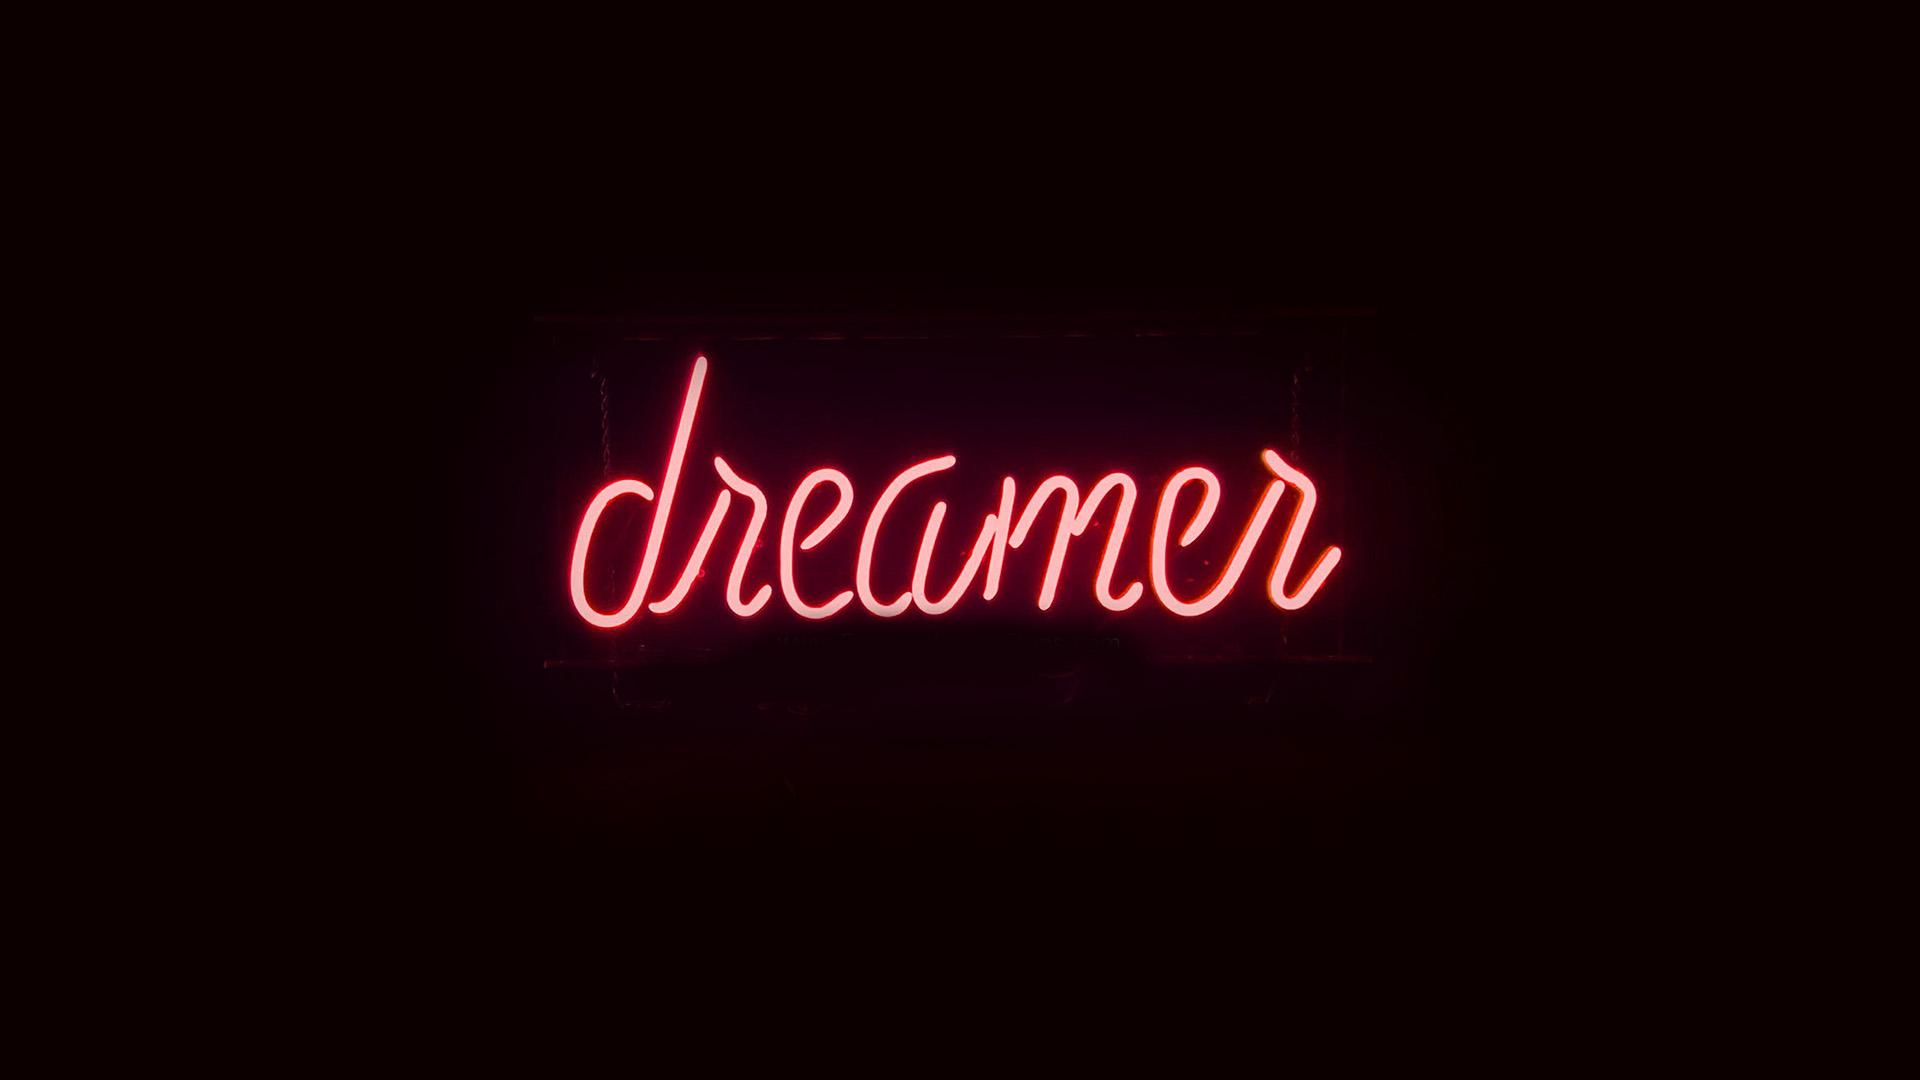 Ay56 Dreamers Neon Sign Dark Illustration Art Red Wallpaper